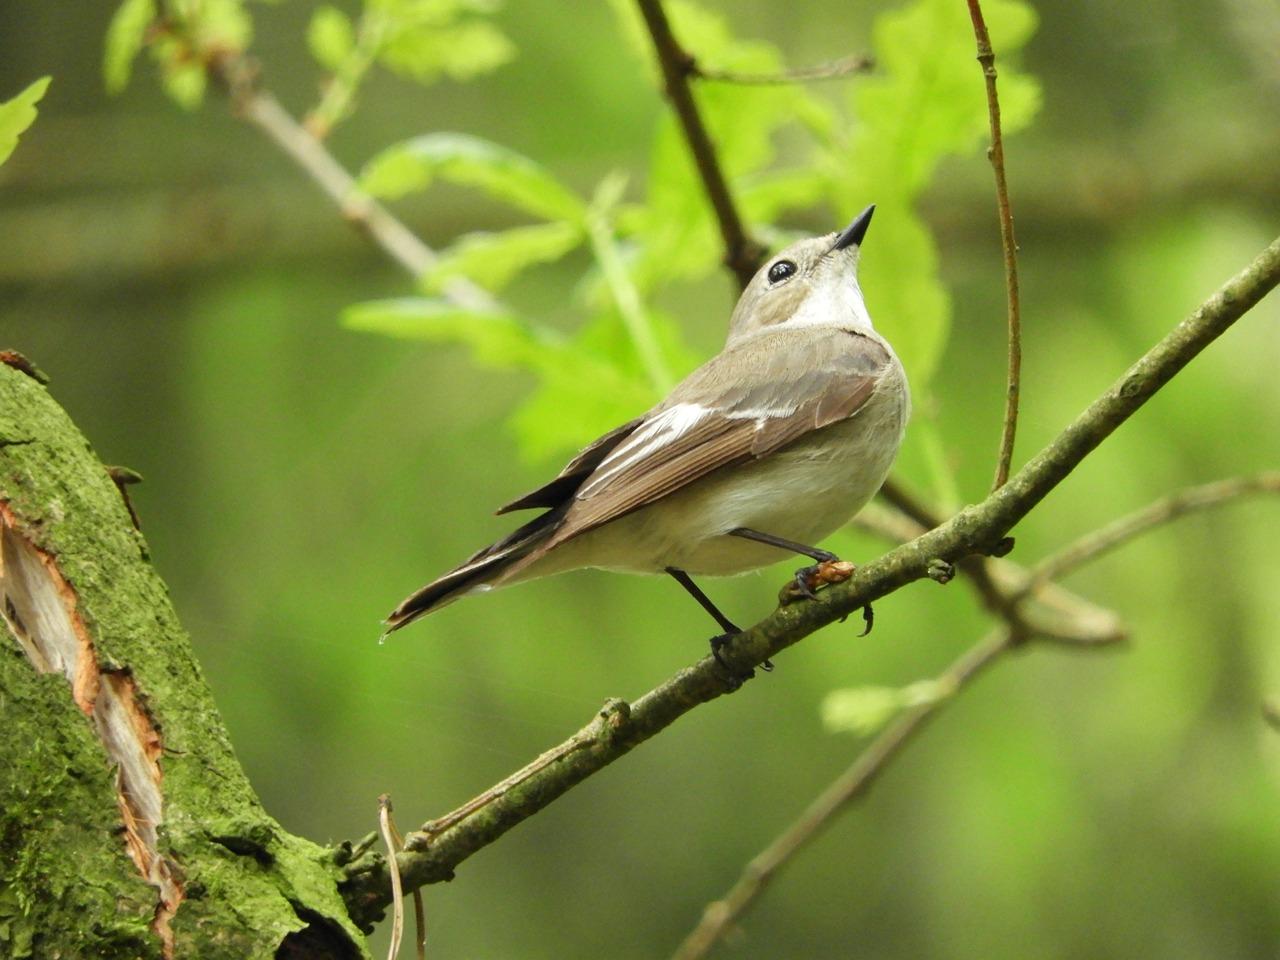 аквариум картинки птиц нашего леса крепление